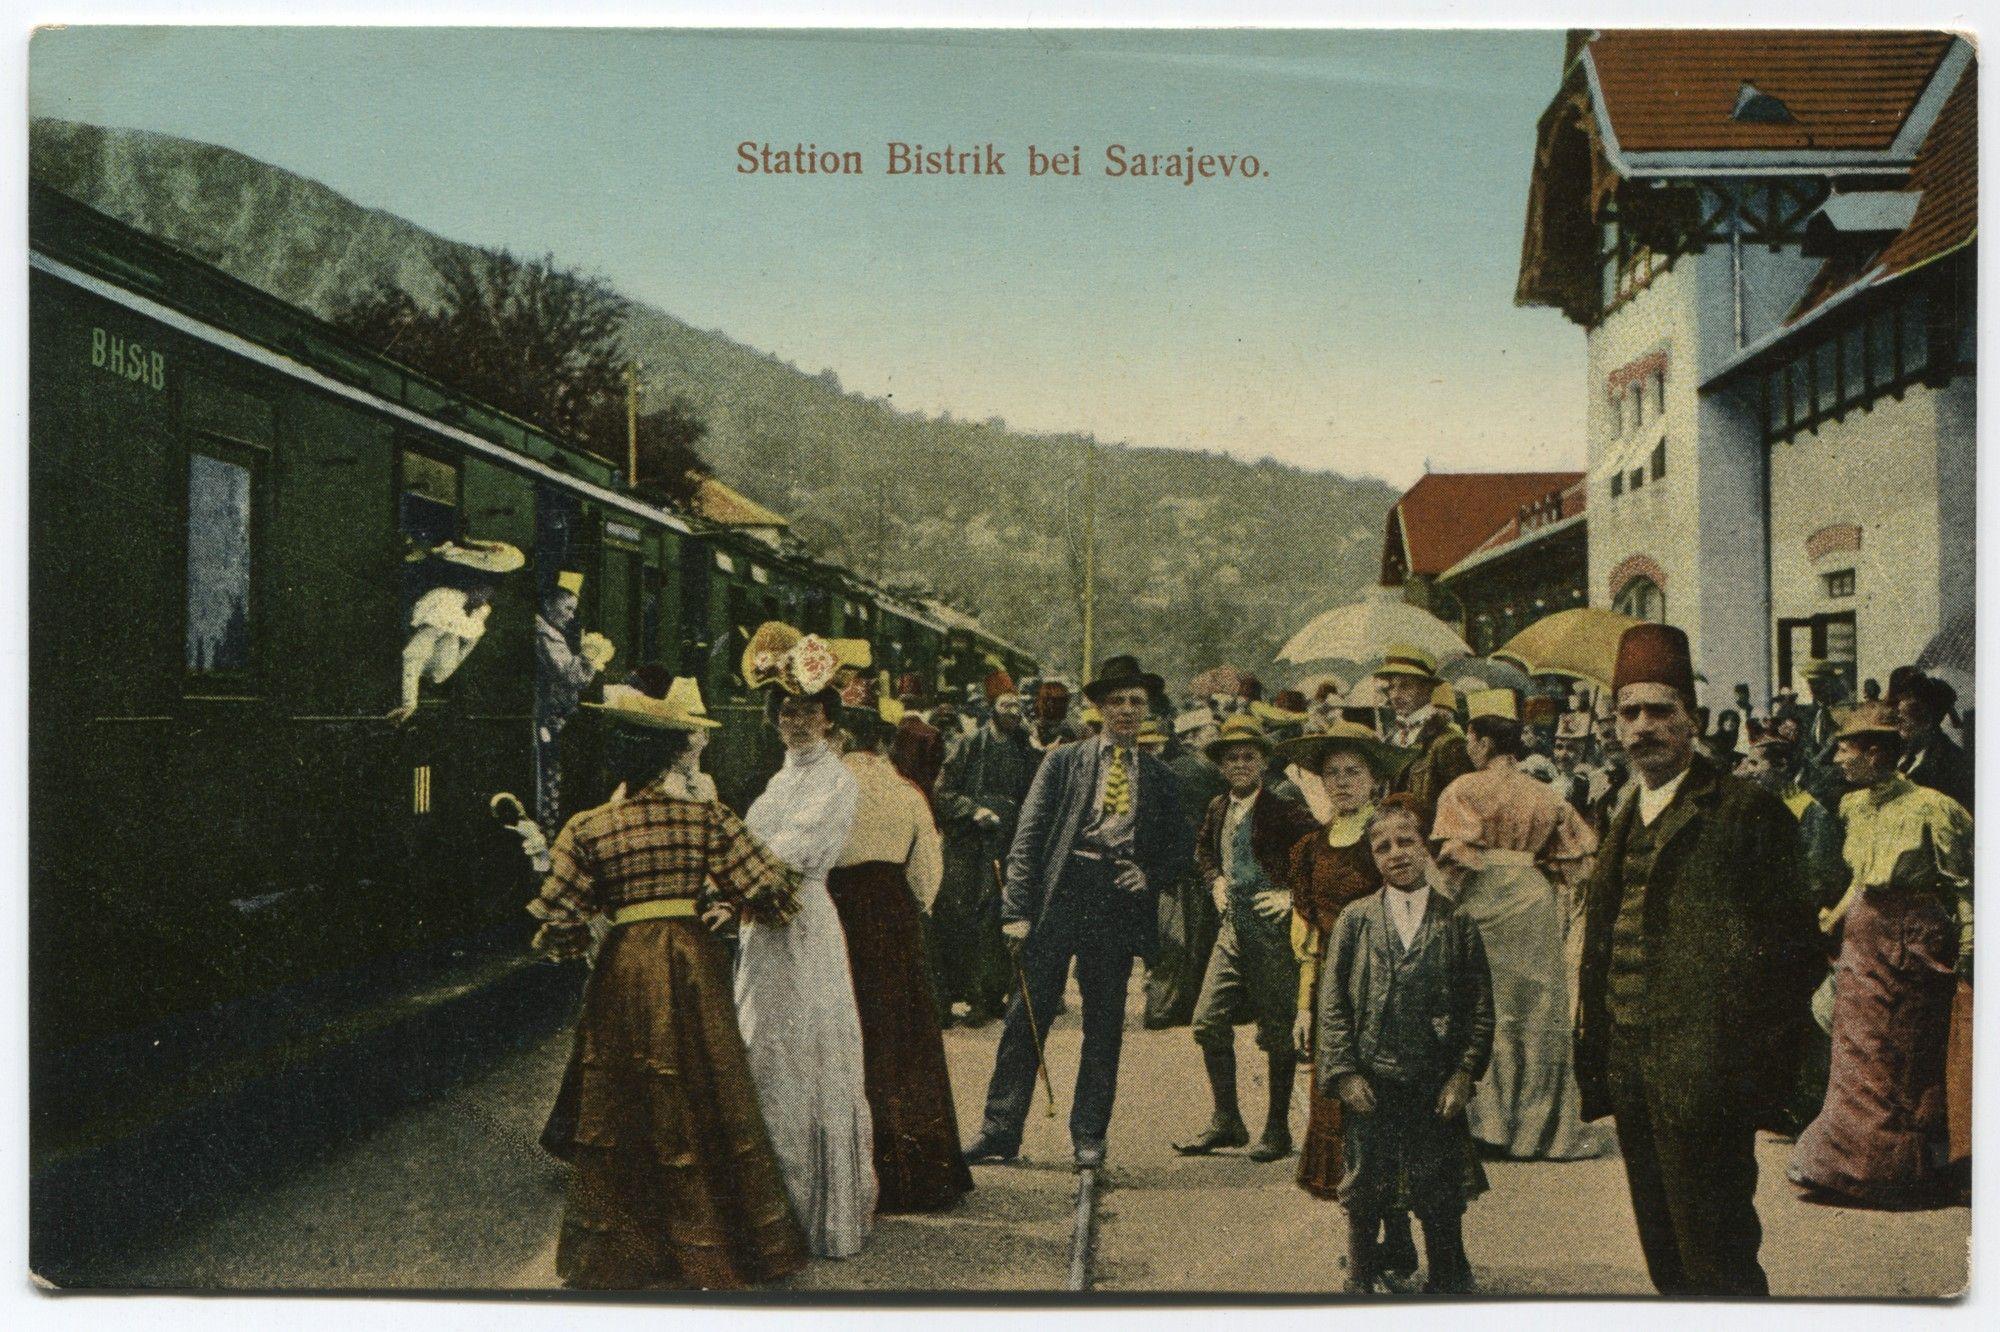 Railway Station Bistrik Near Sarajevo C Museum Of City Of Sarajevo Sarajevo Bosnia Gender Relations